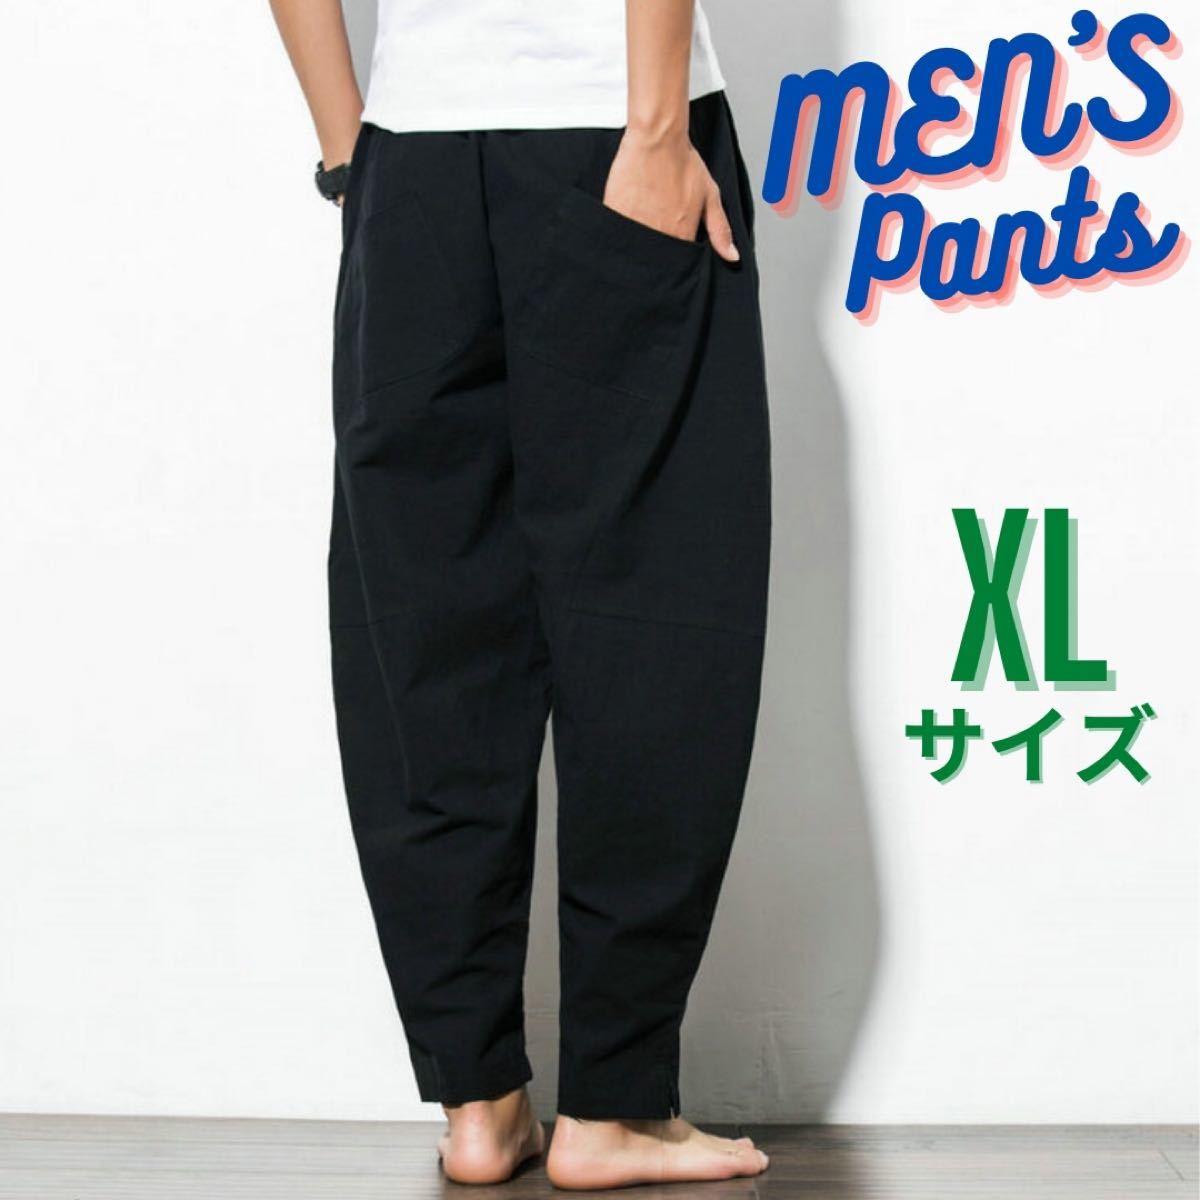 XLサイズ ブラック メンズ パンツ ボトムス ワイドパンツ ラフ ゆる 楽ちん